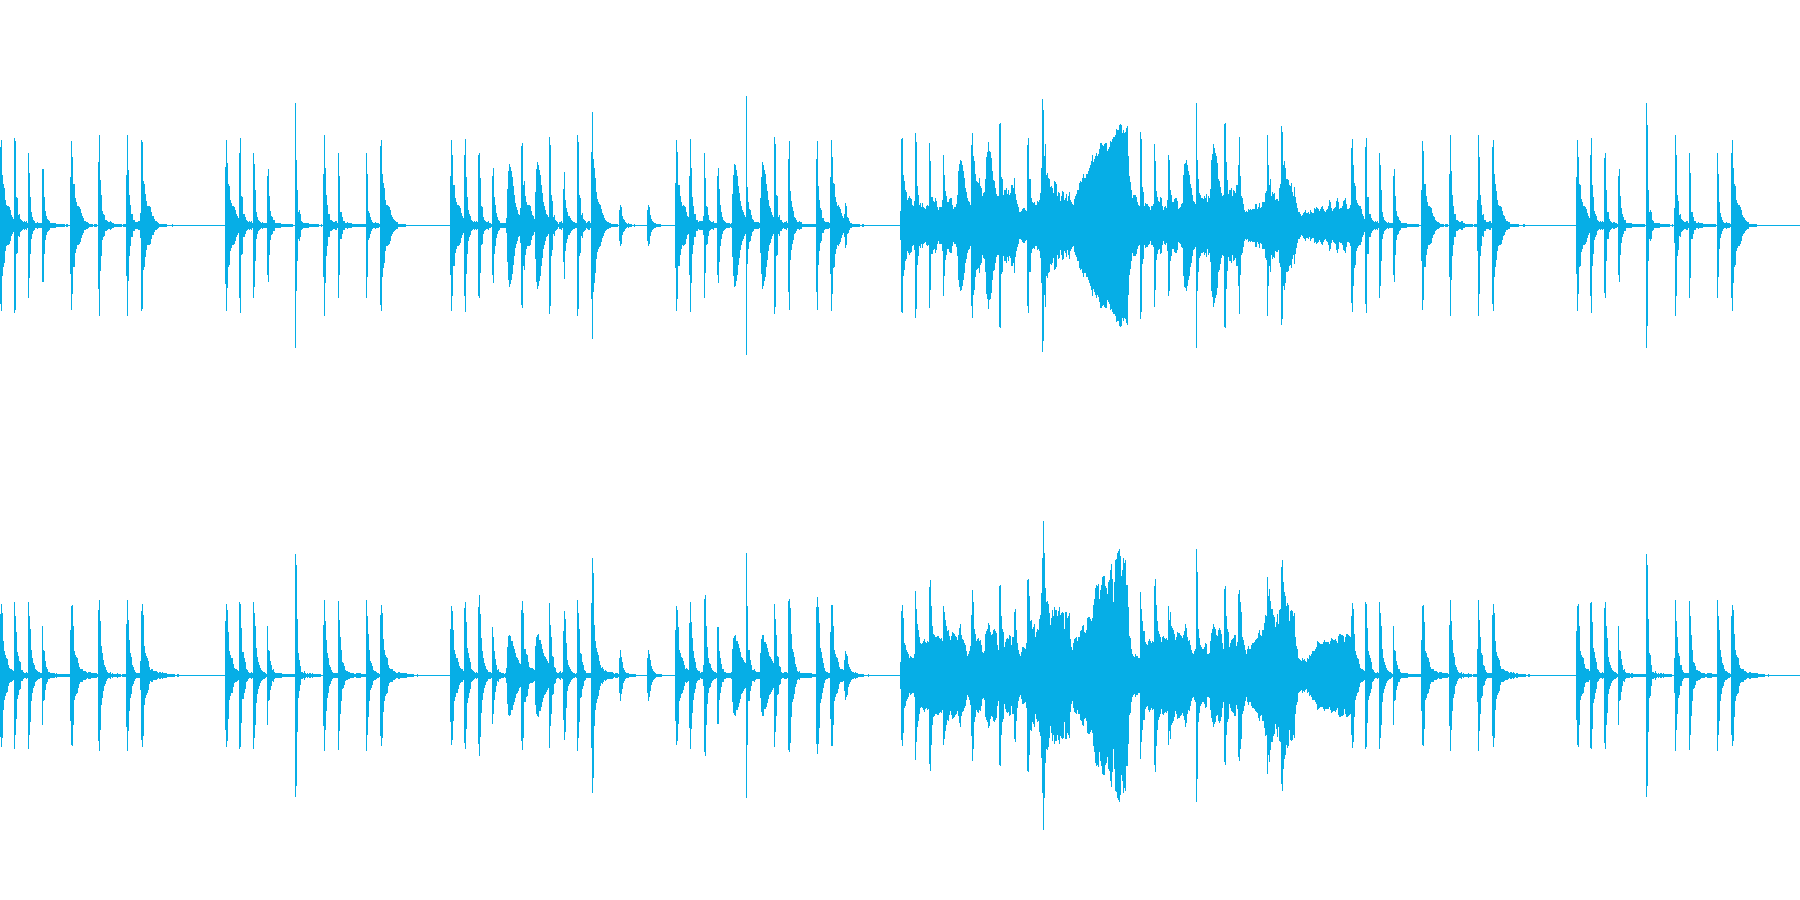 弦楽器メインの日常系BGMの再生済みの波形